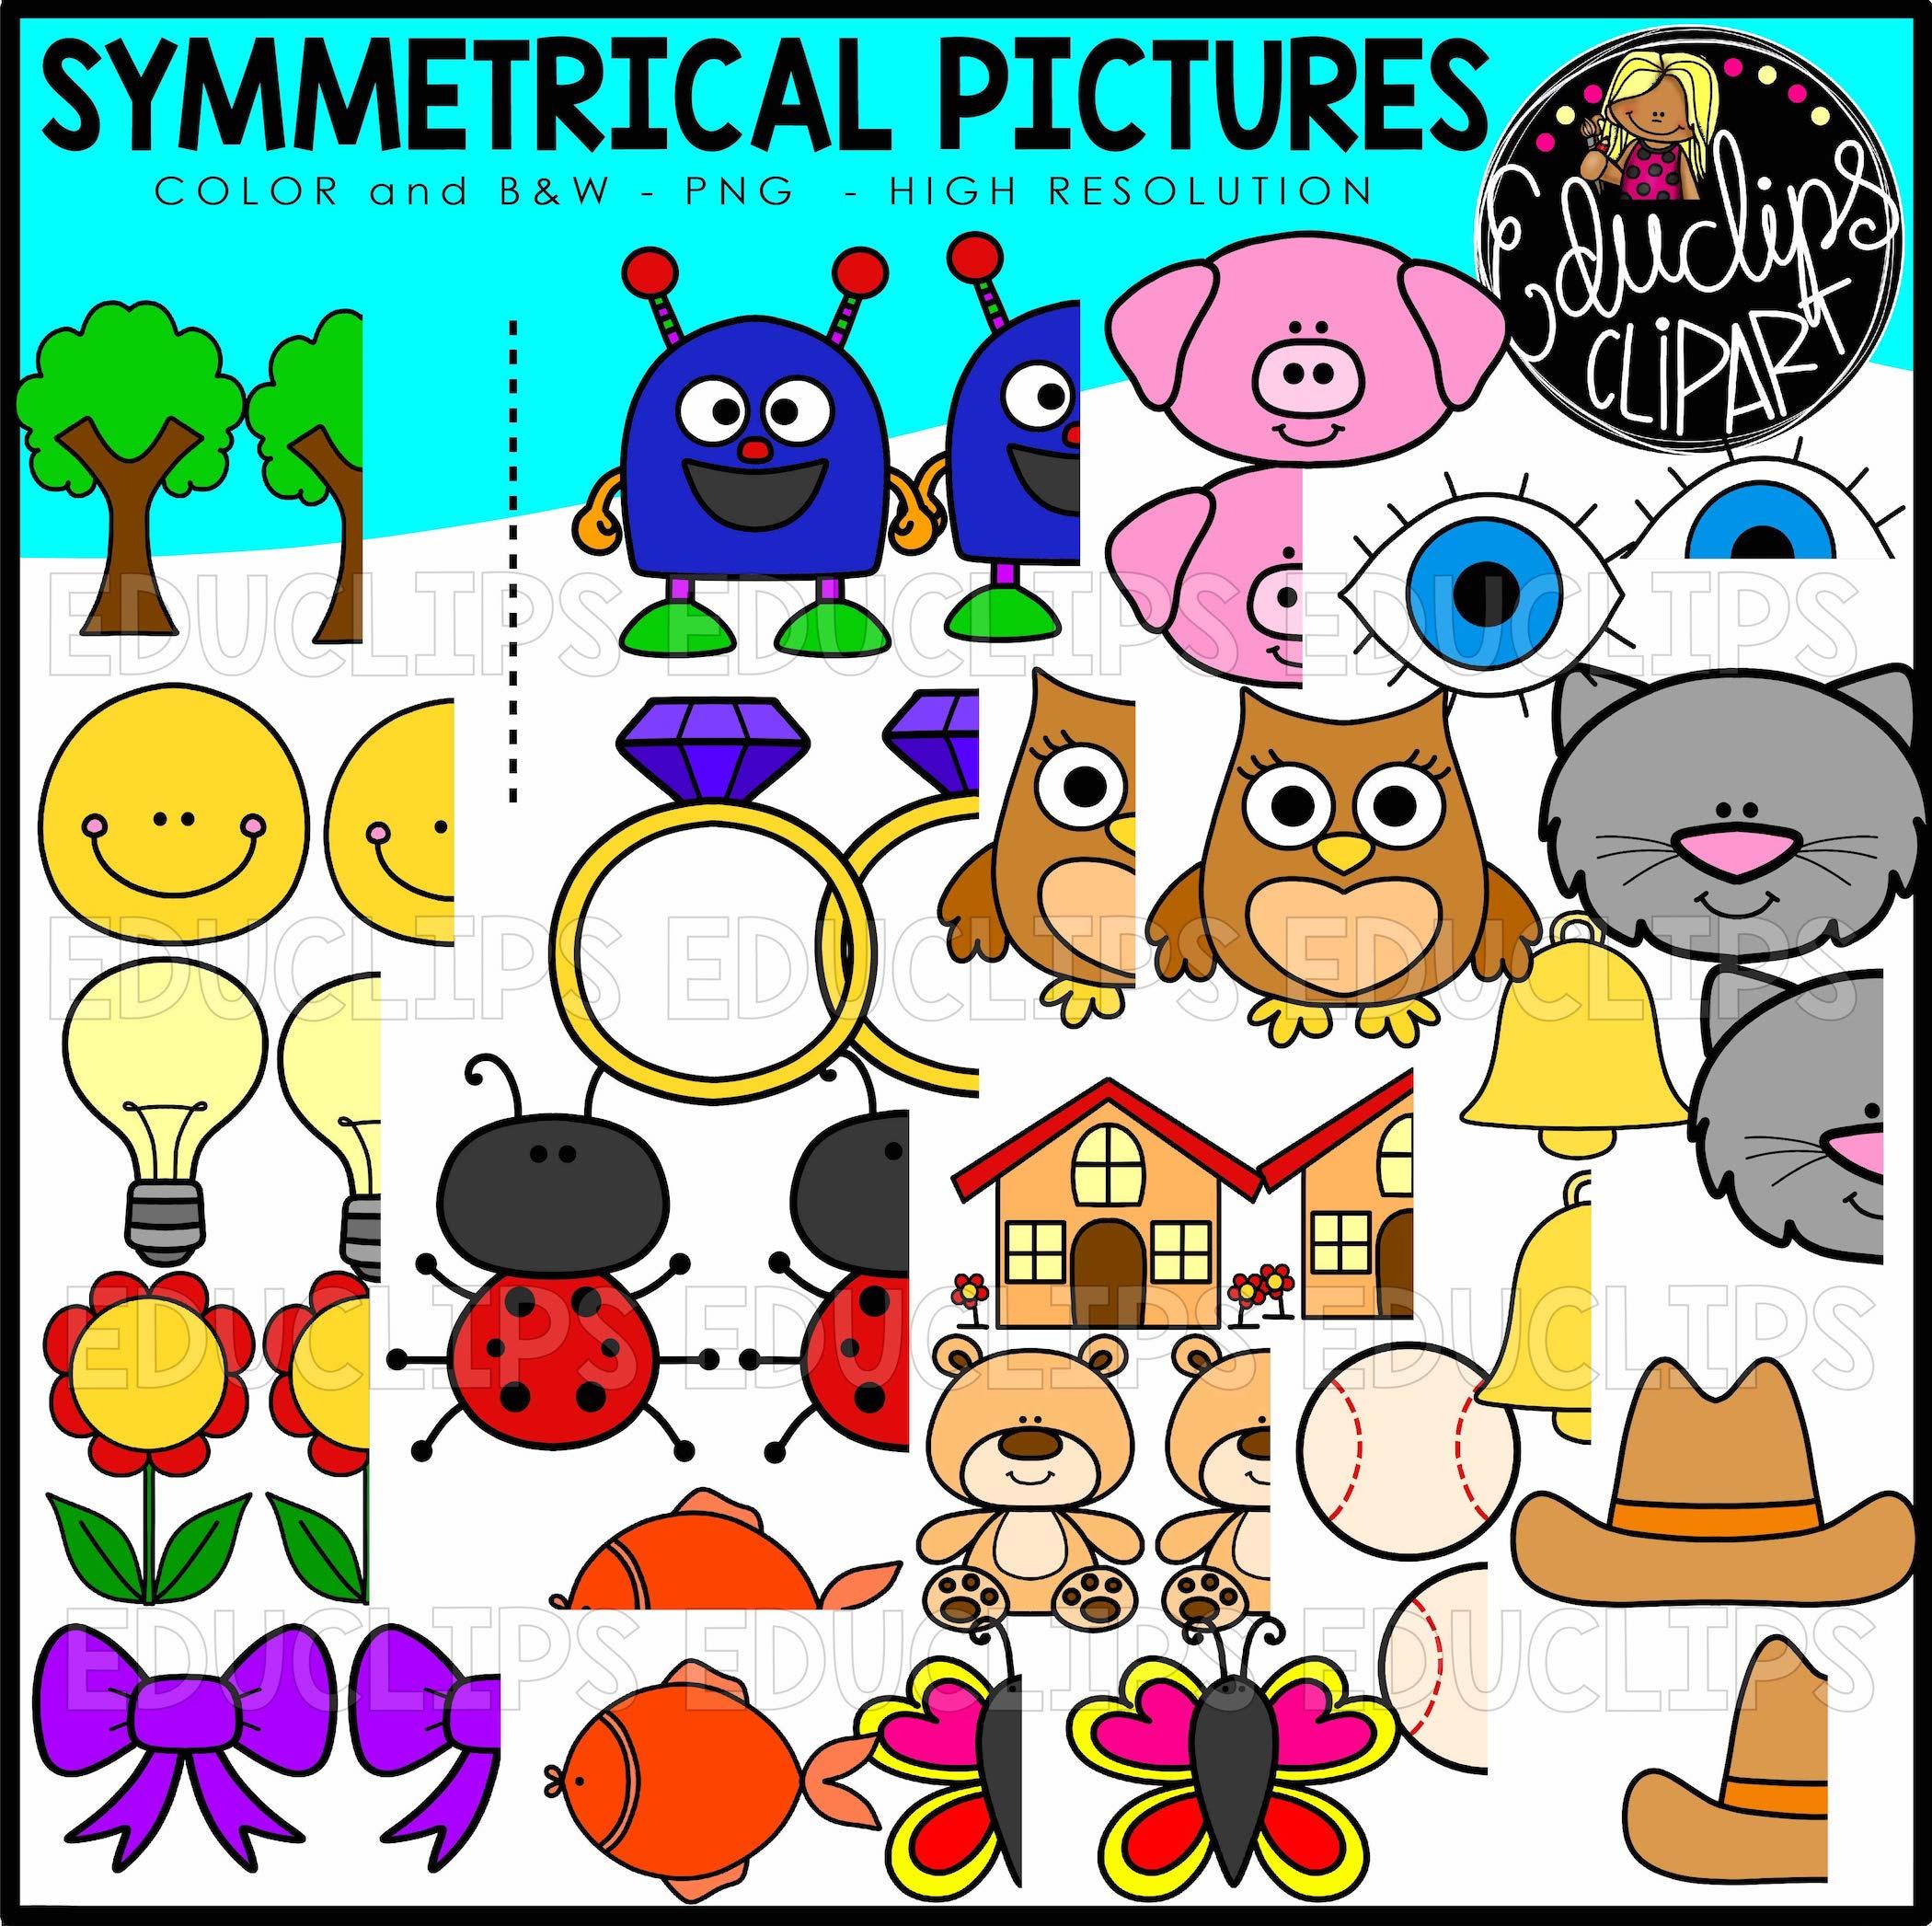 Symmetrical clipart image Symmetrical Pictures Clipart Bundle (Color and B&W) image